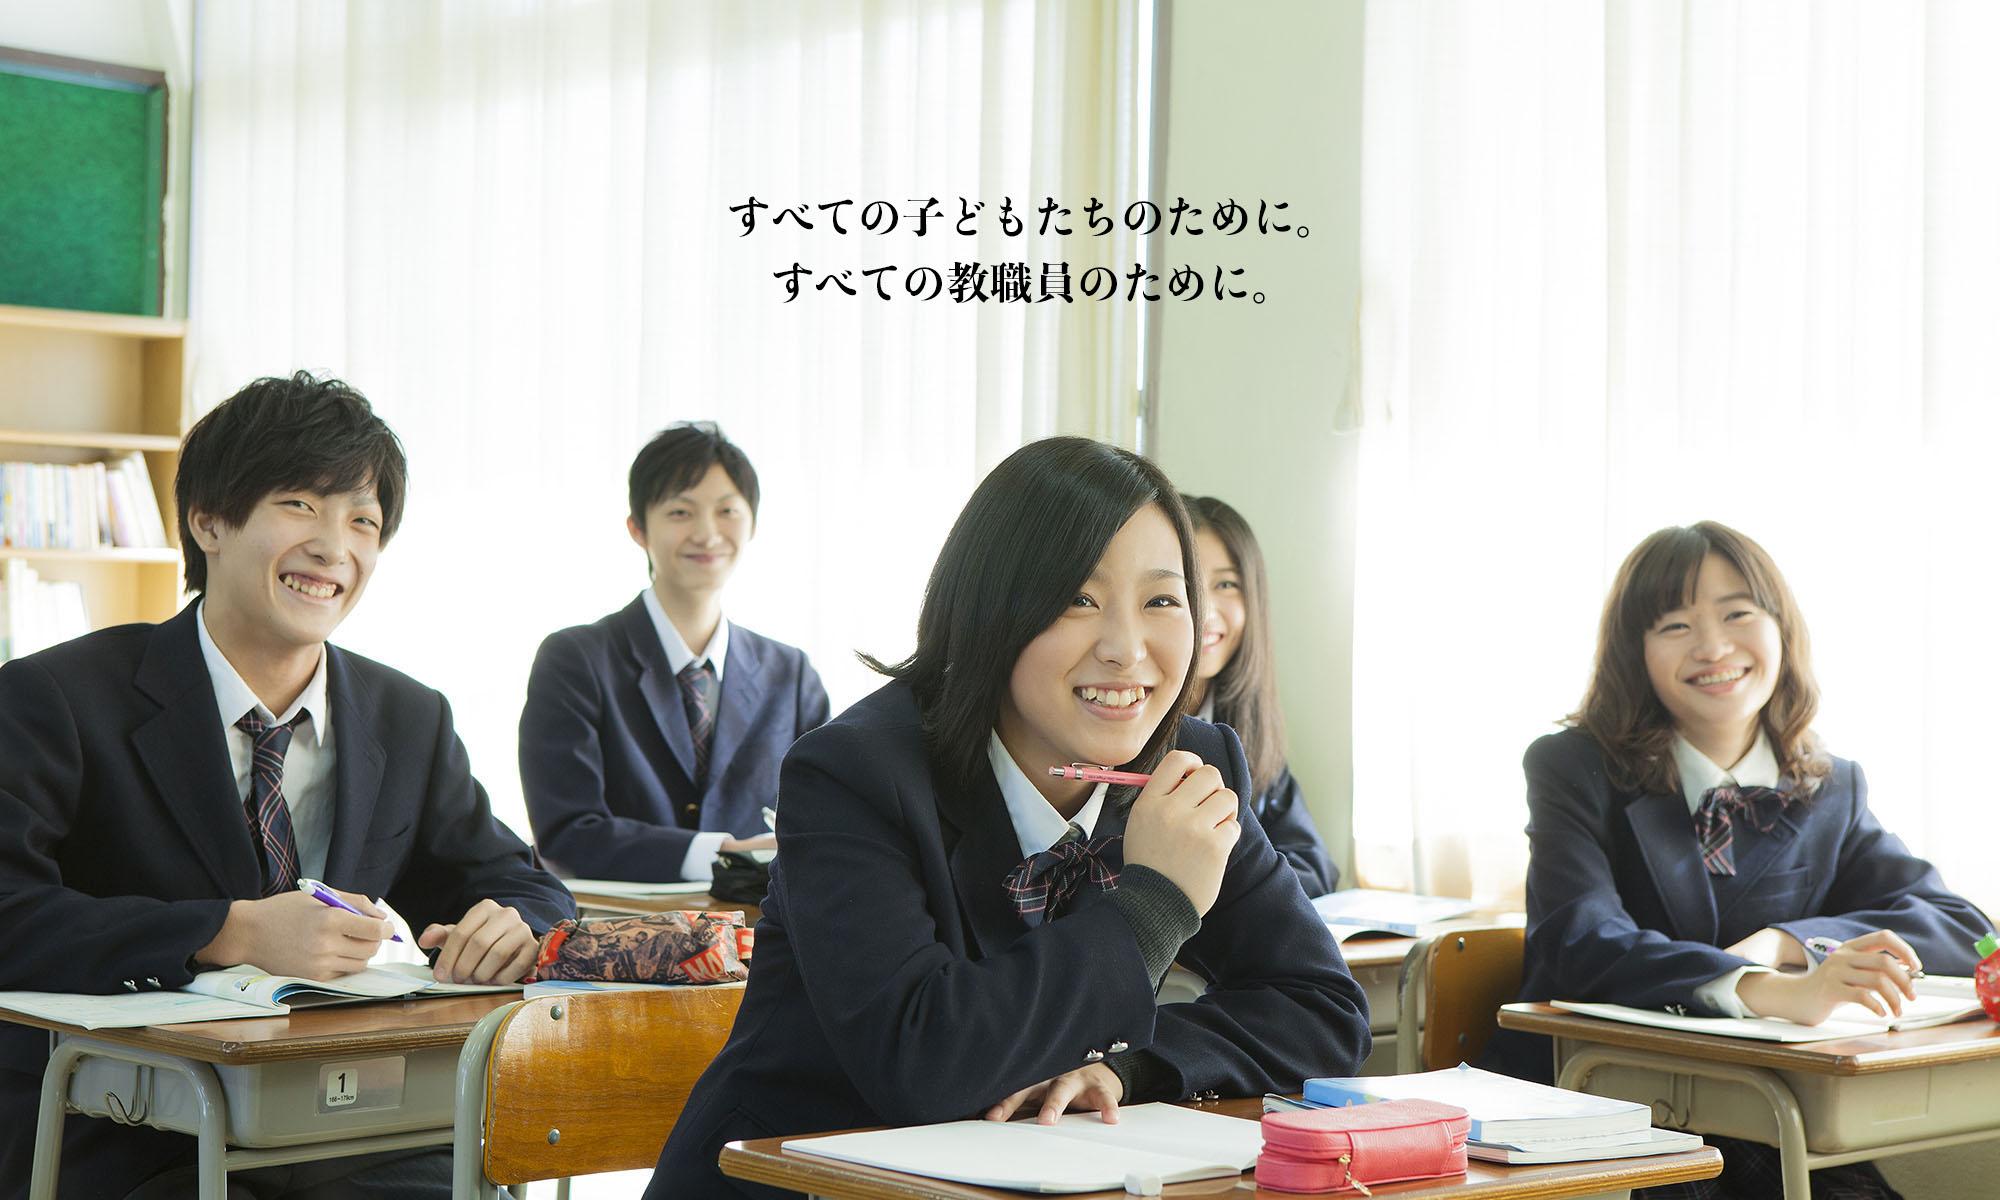 群馬県高等学校教職員組合